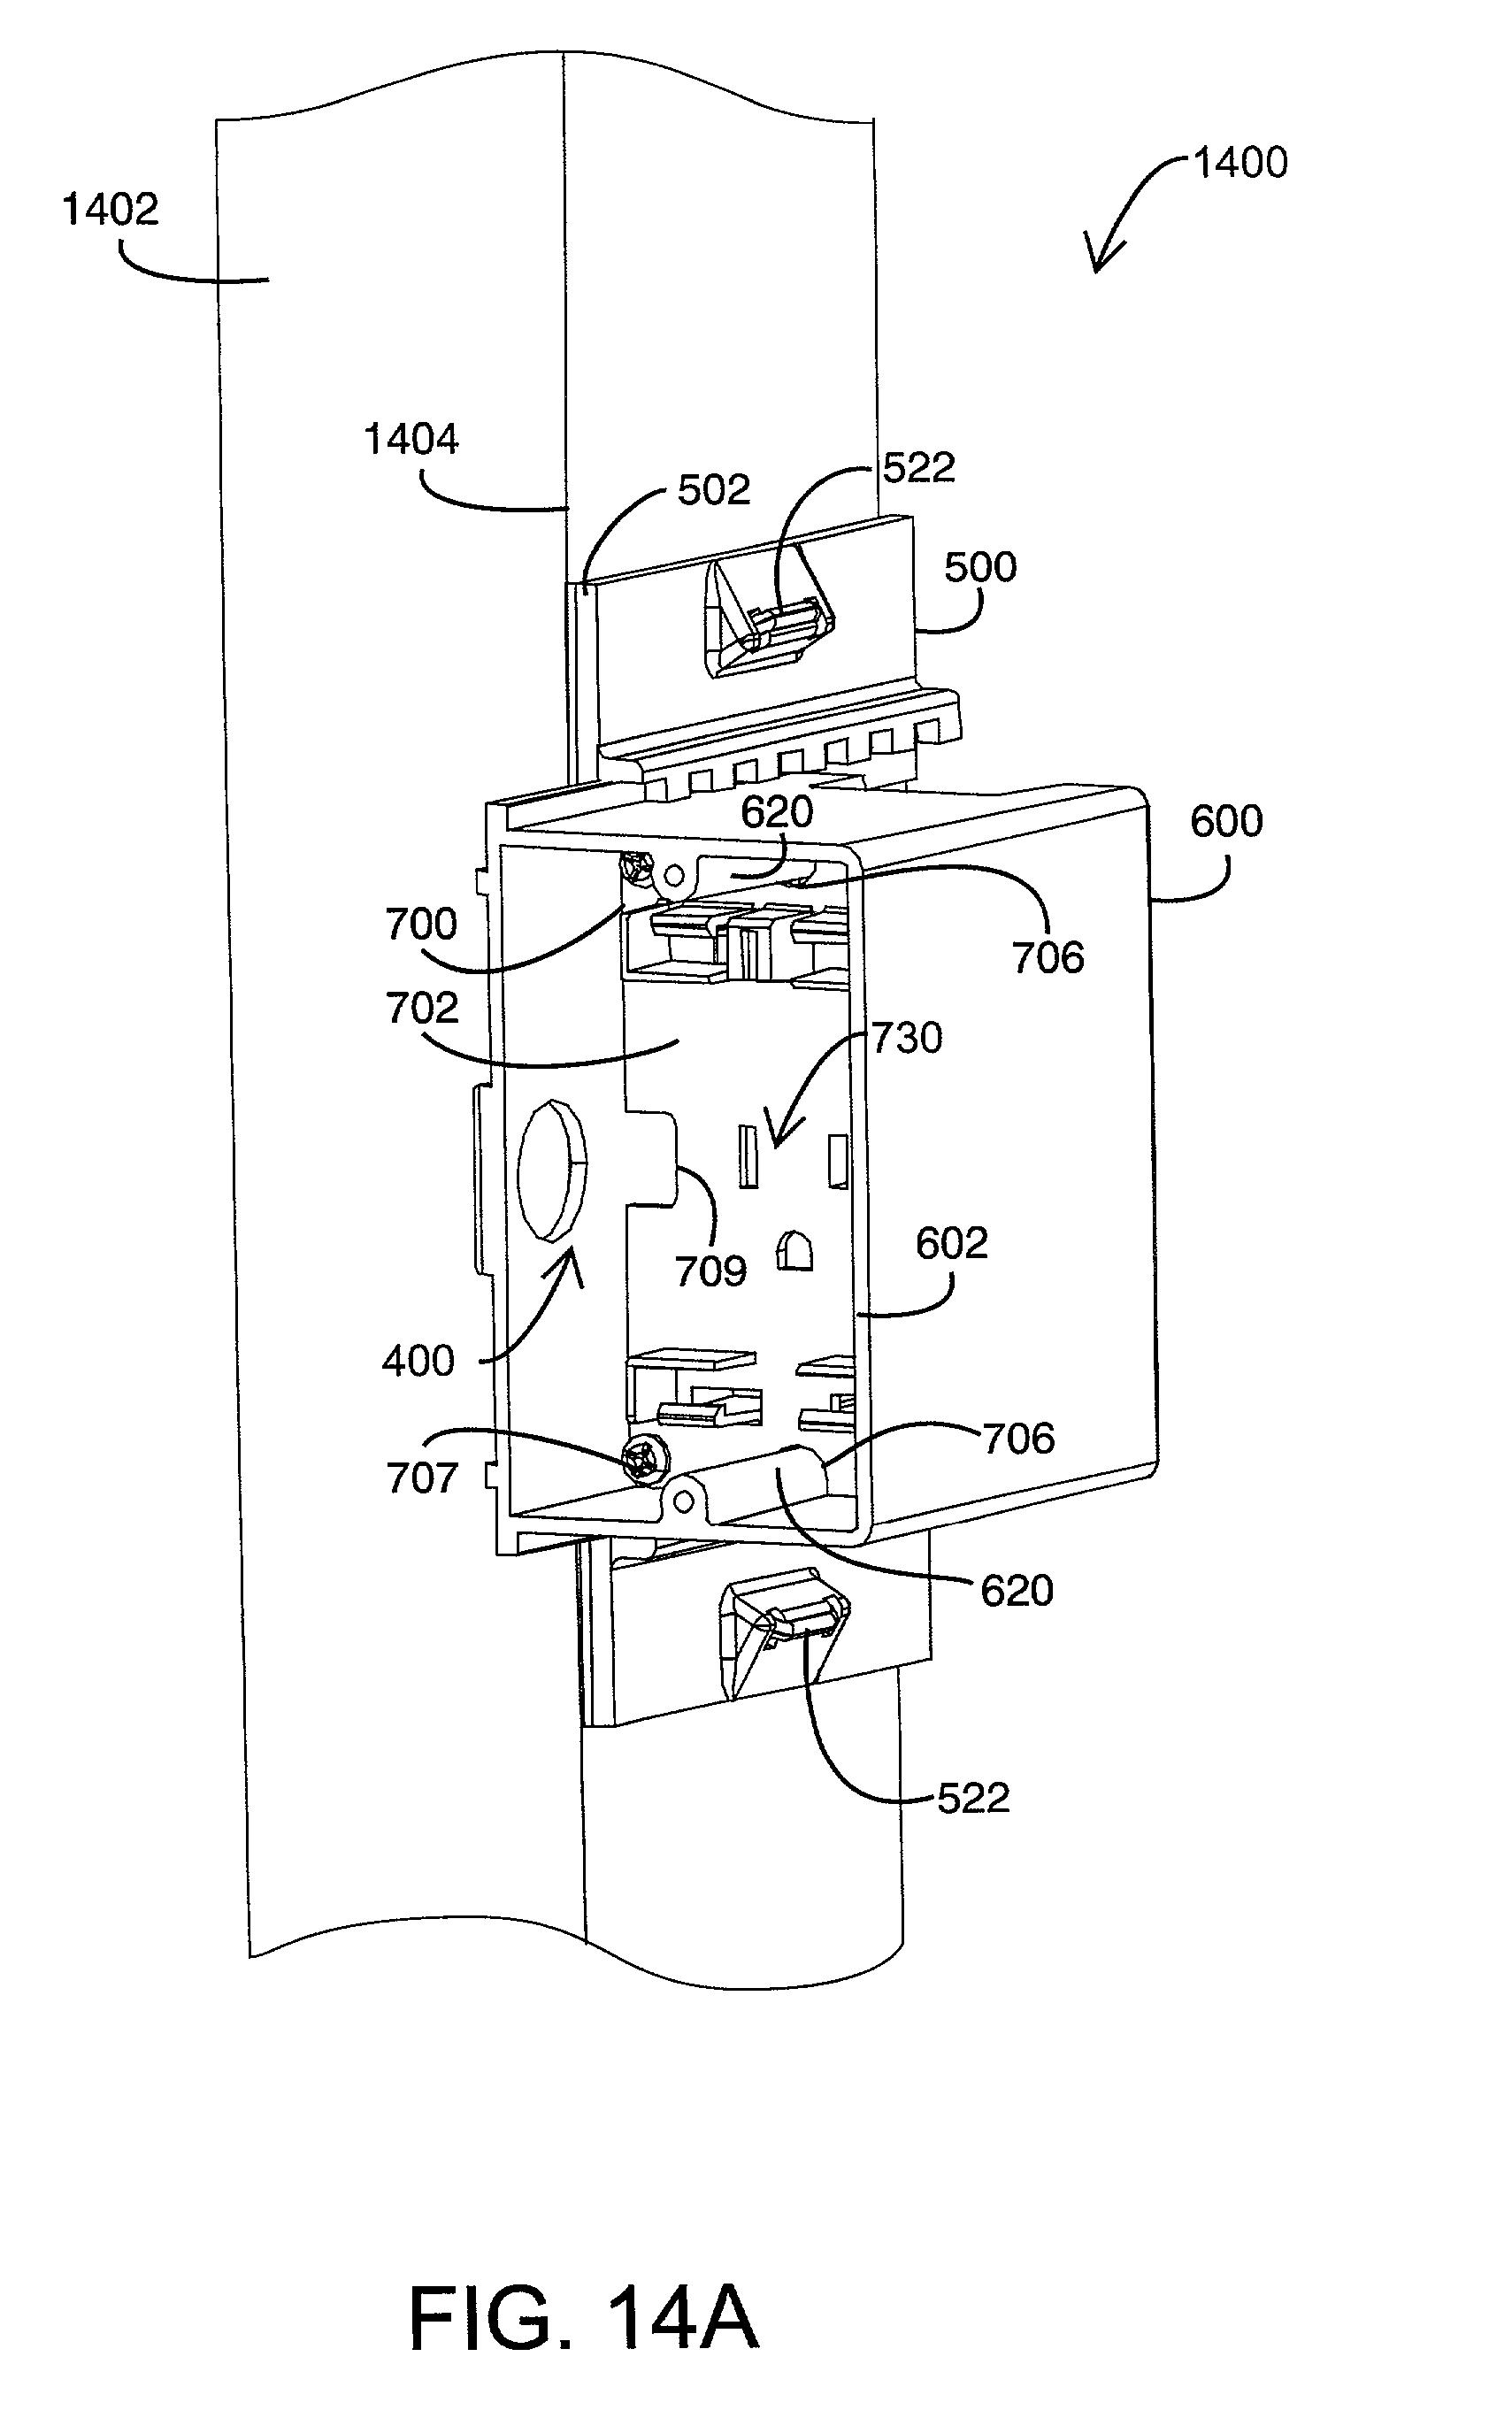 12 volt wiring diagram for meter also digital volt meter wiring along